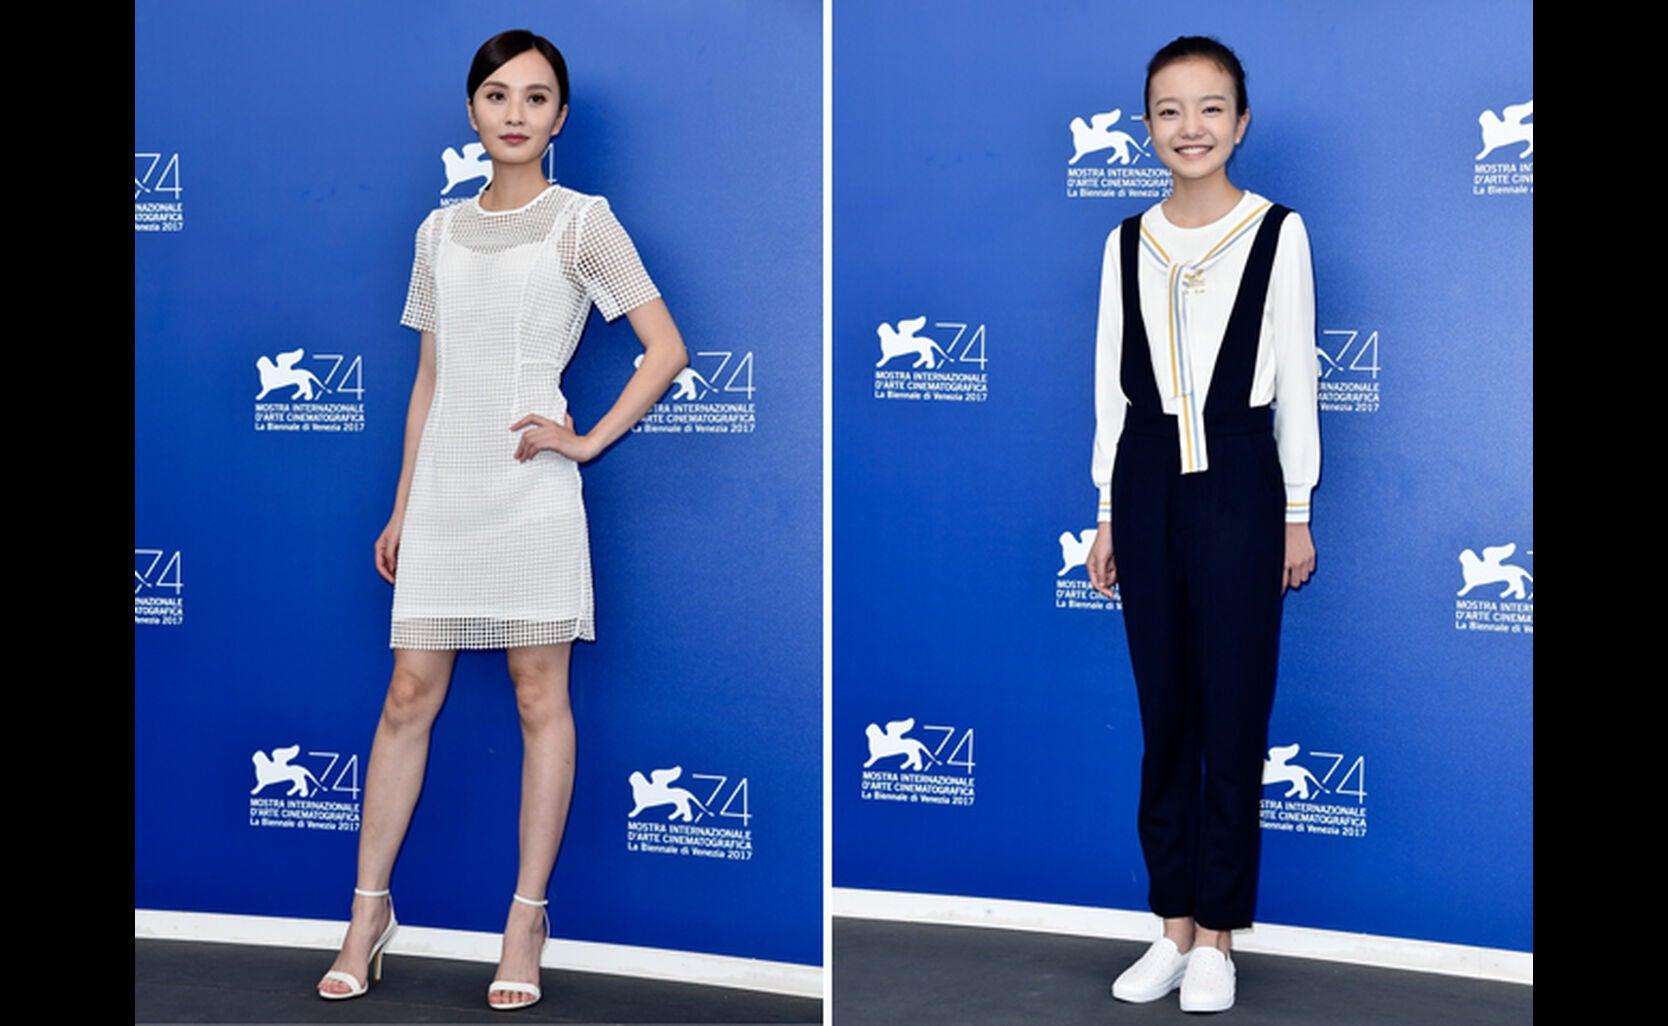 Peng Jing and Zhou Meijun